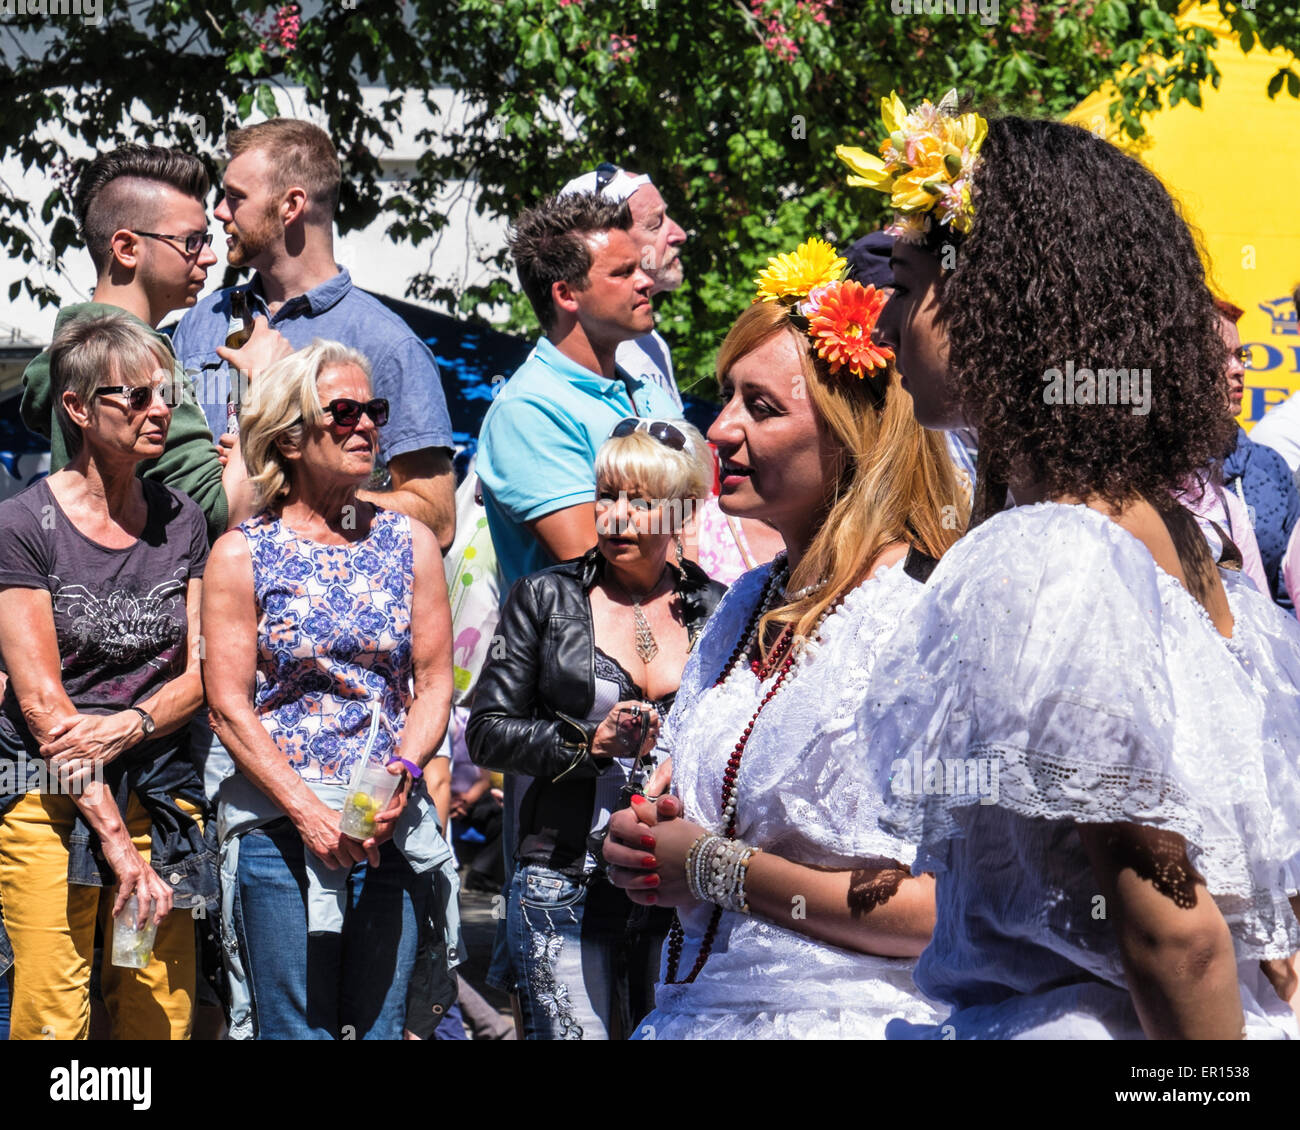 Kreuzberg, Berlín, Alemania, 24 de mayo de 2015. Berlín celebra su diversidad cultural en el Carnaval Imagen De Stock